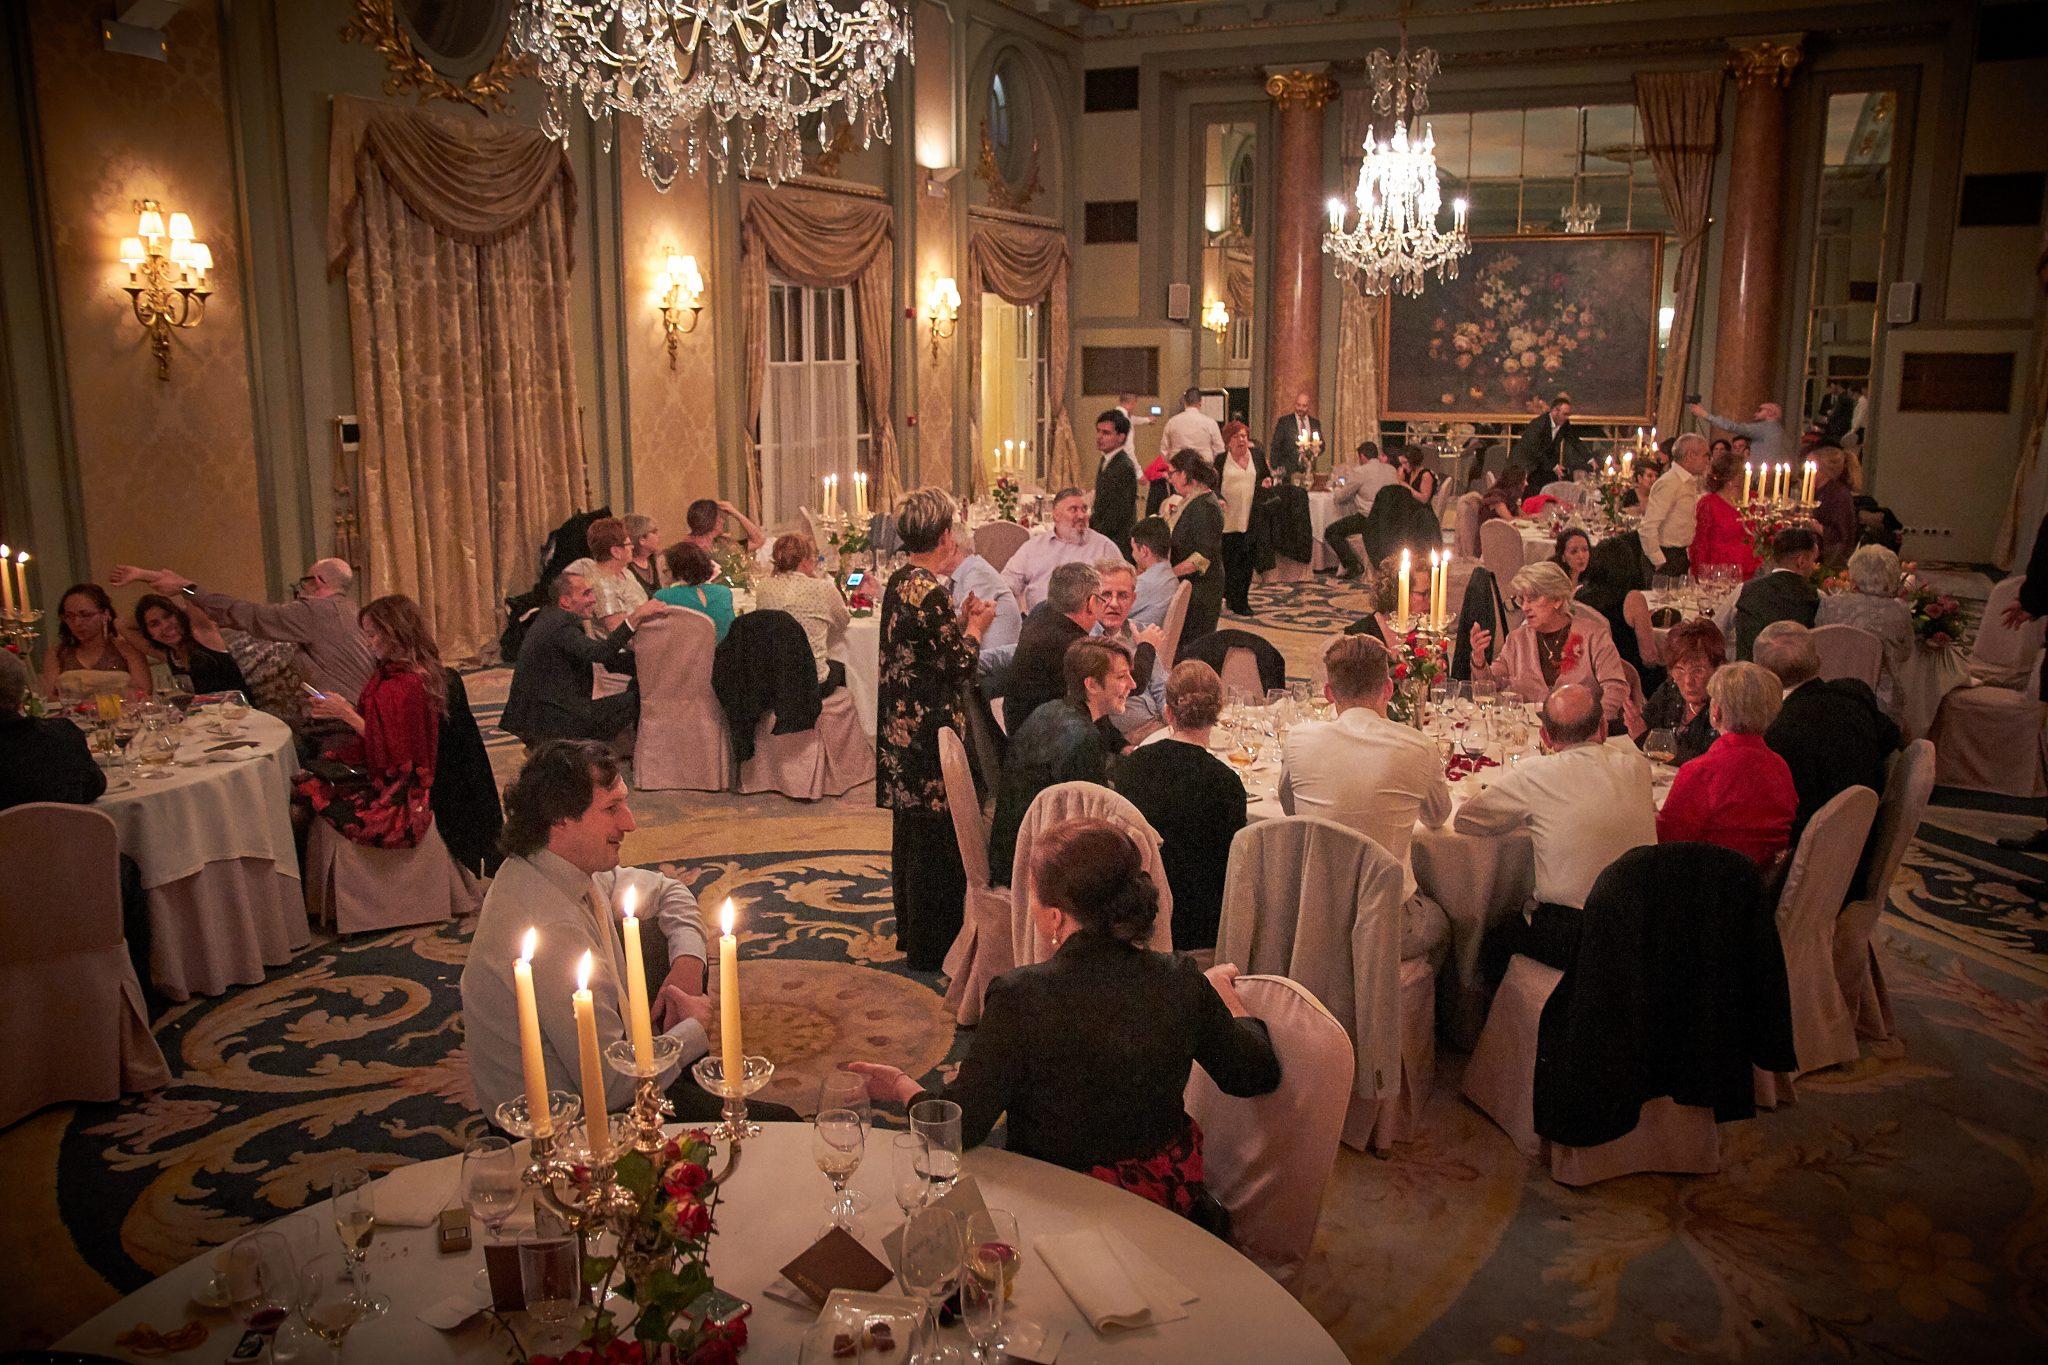 Fotografo de bodas en el Hotel Palace (Barcelona)